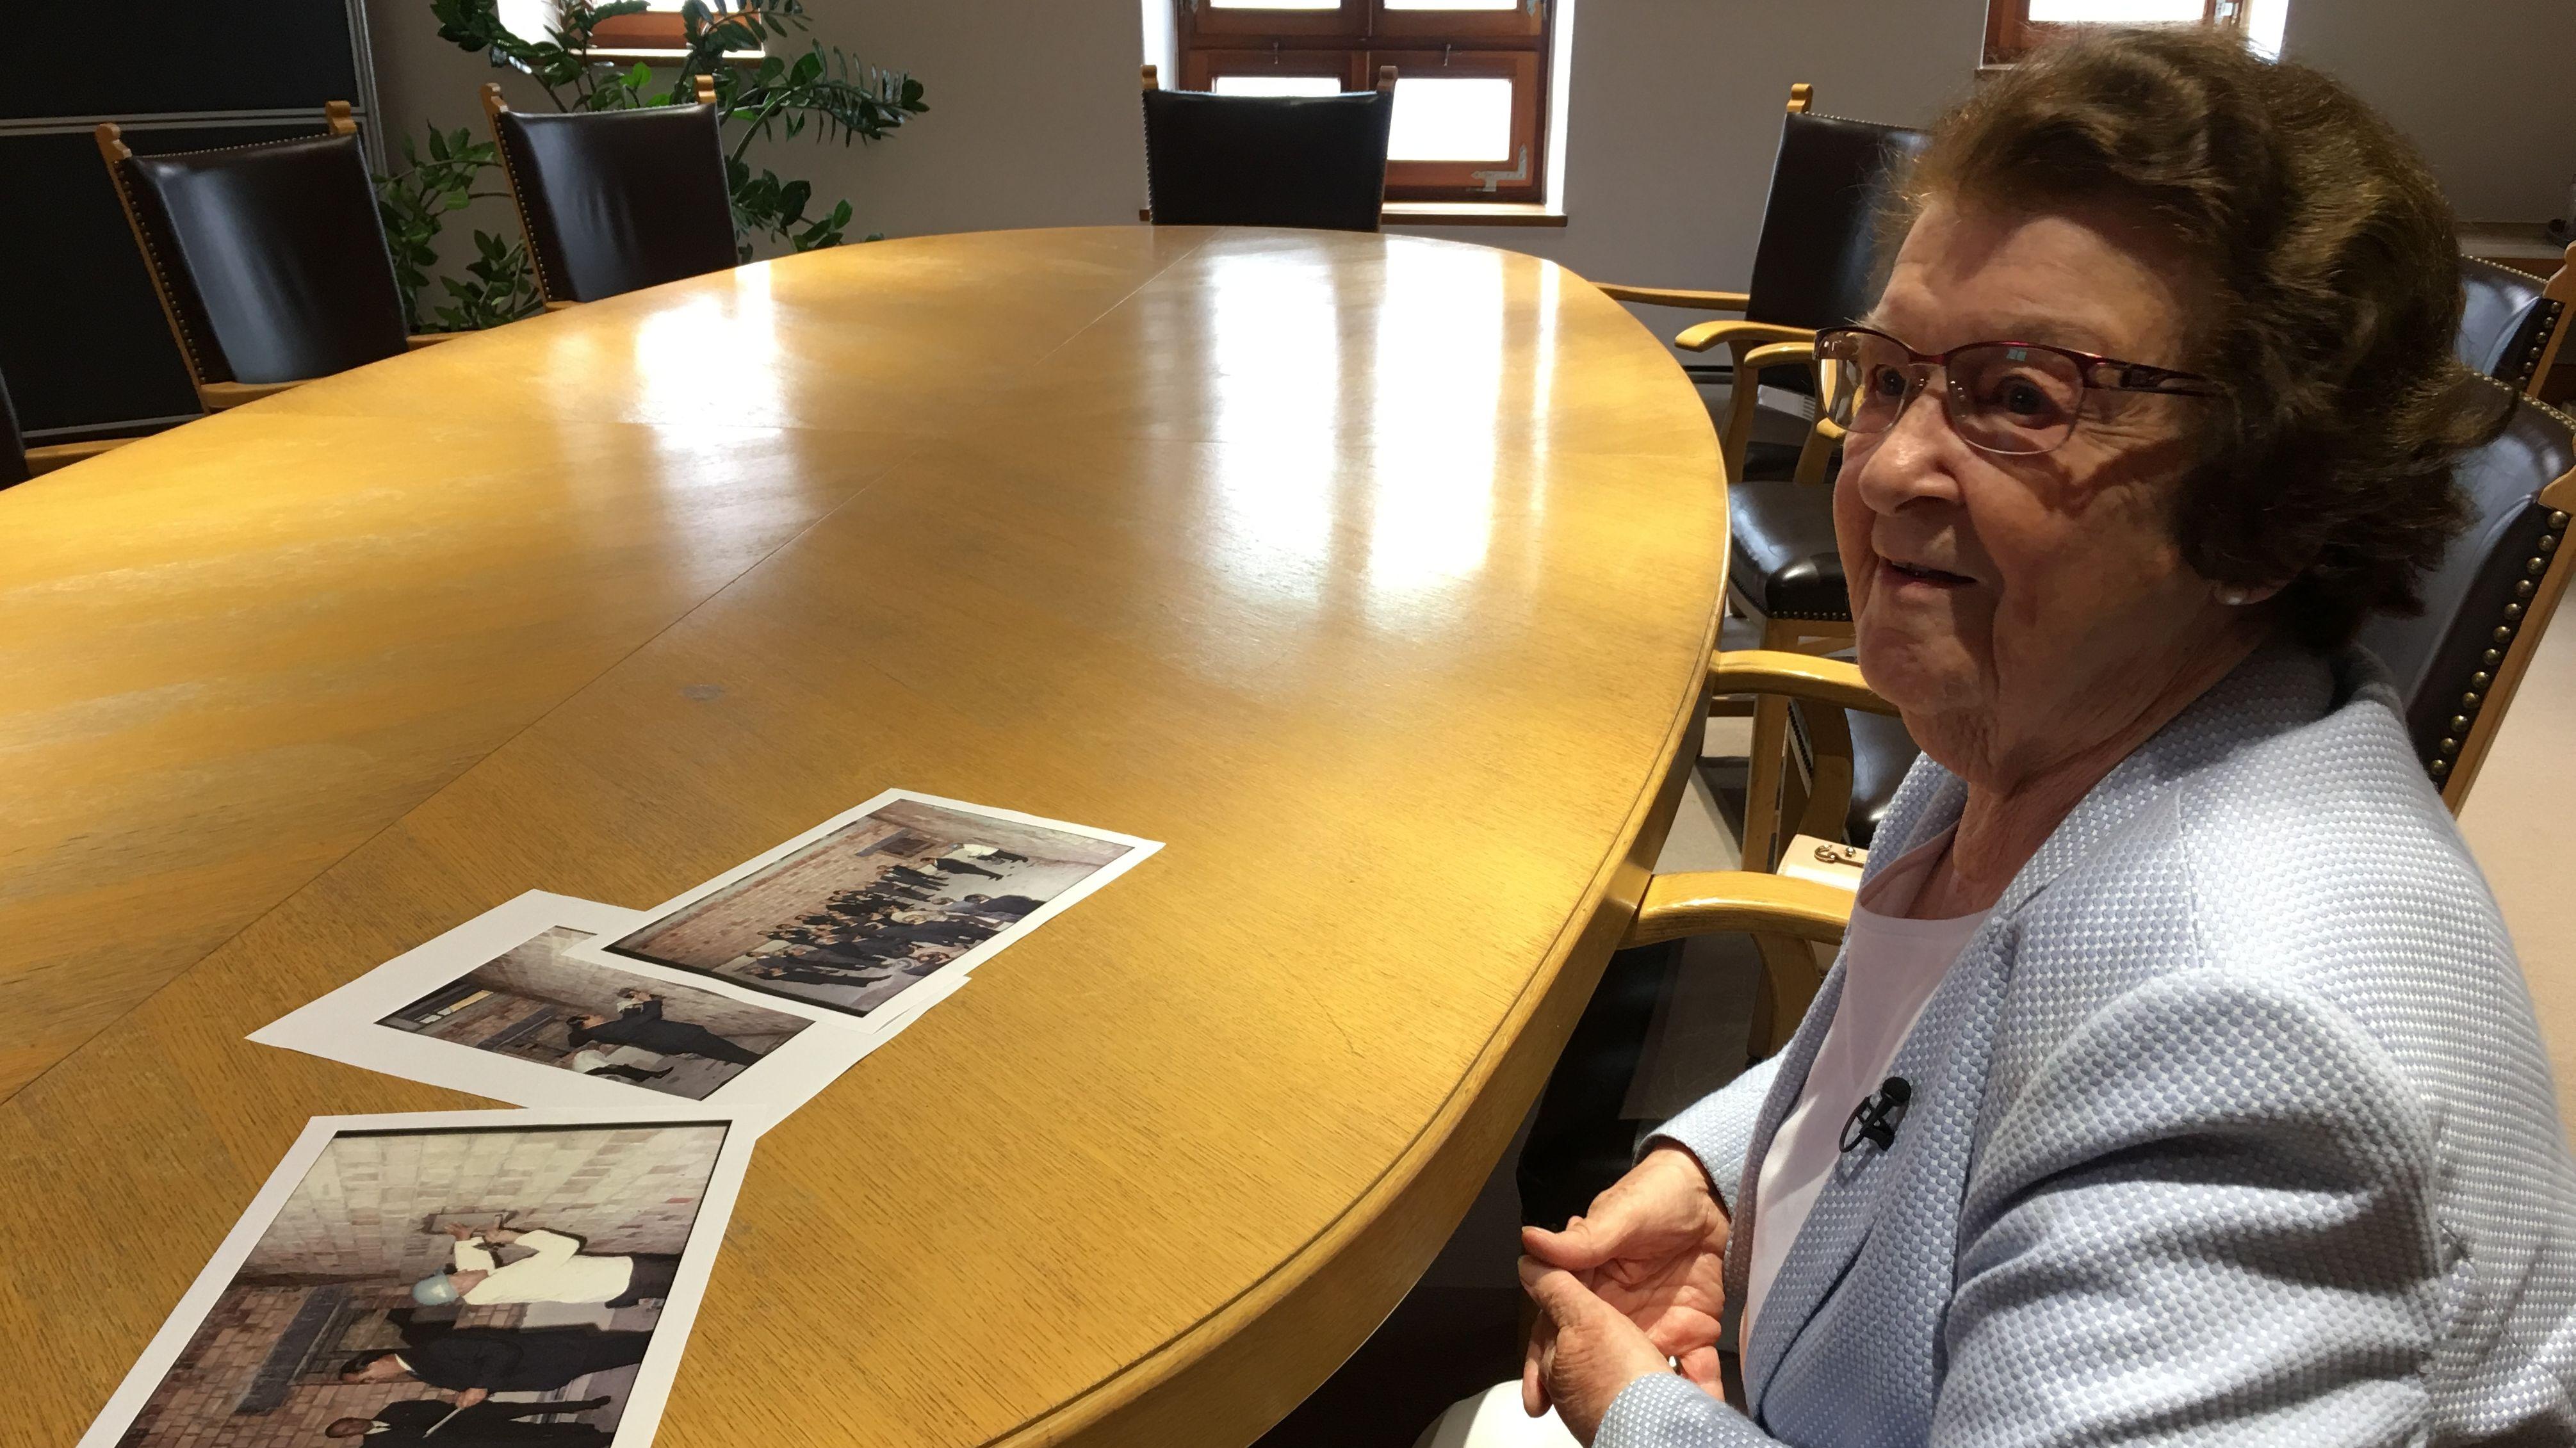 Zeitzeugin Marlies Bauer, ehemalige Stadträtin der CSU, erinnert sich an 1968.